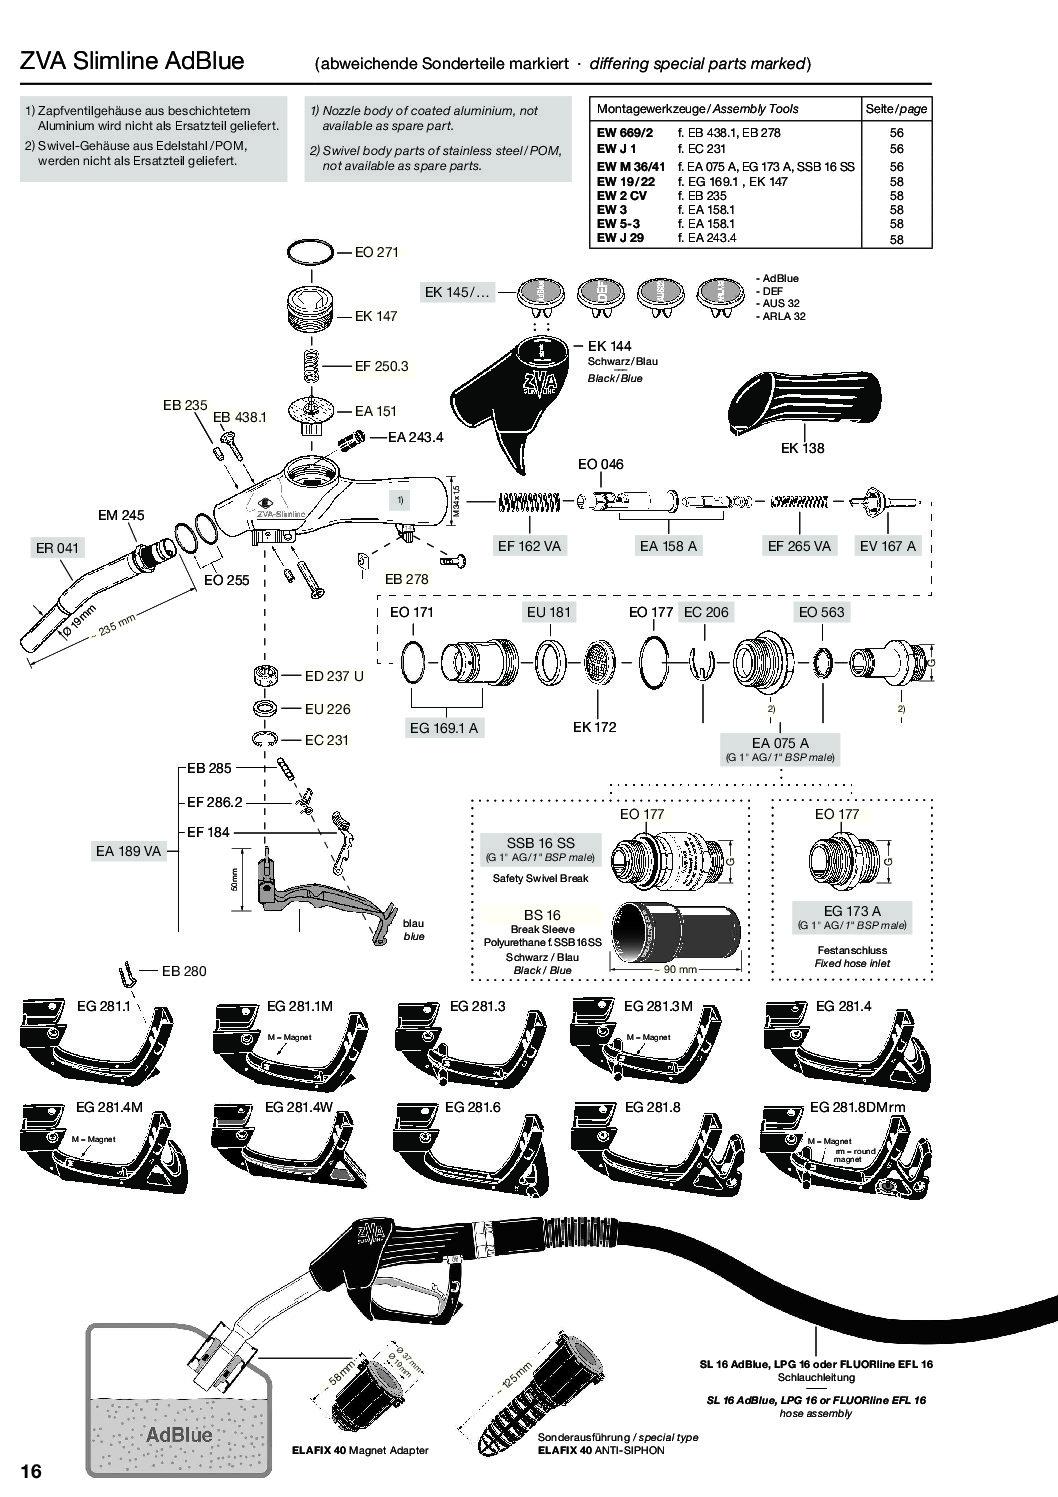 ADBLUE pdf - Gatillo EF-EA189-VA